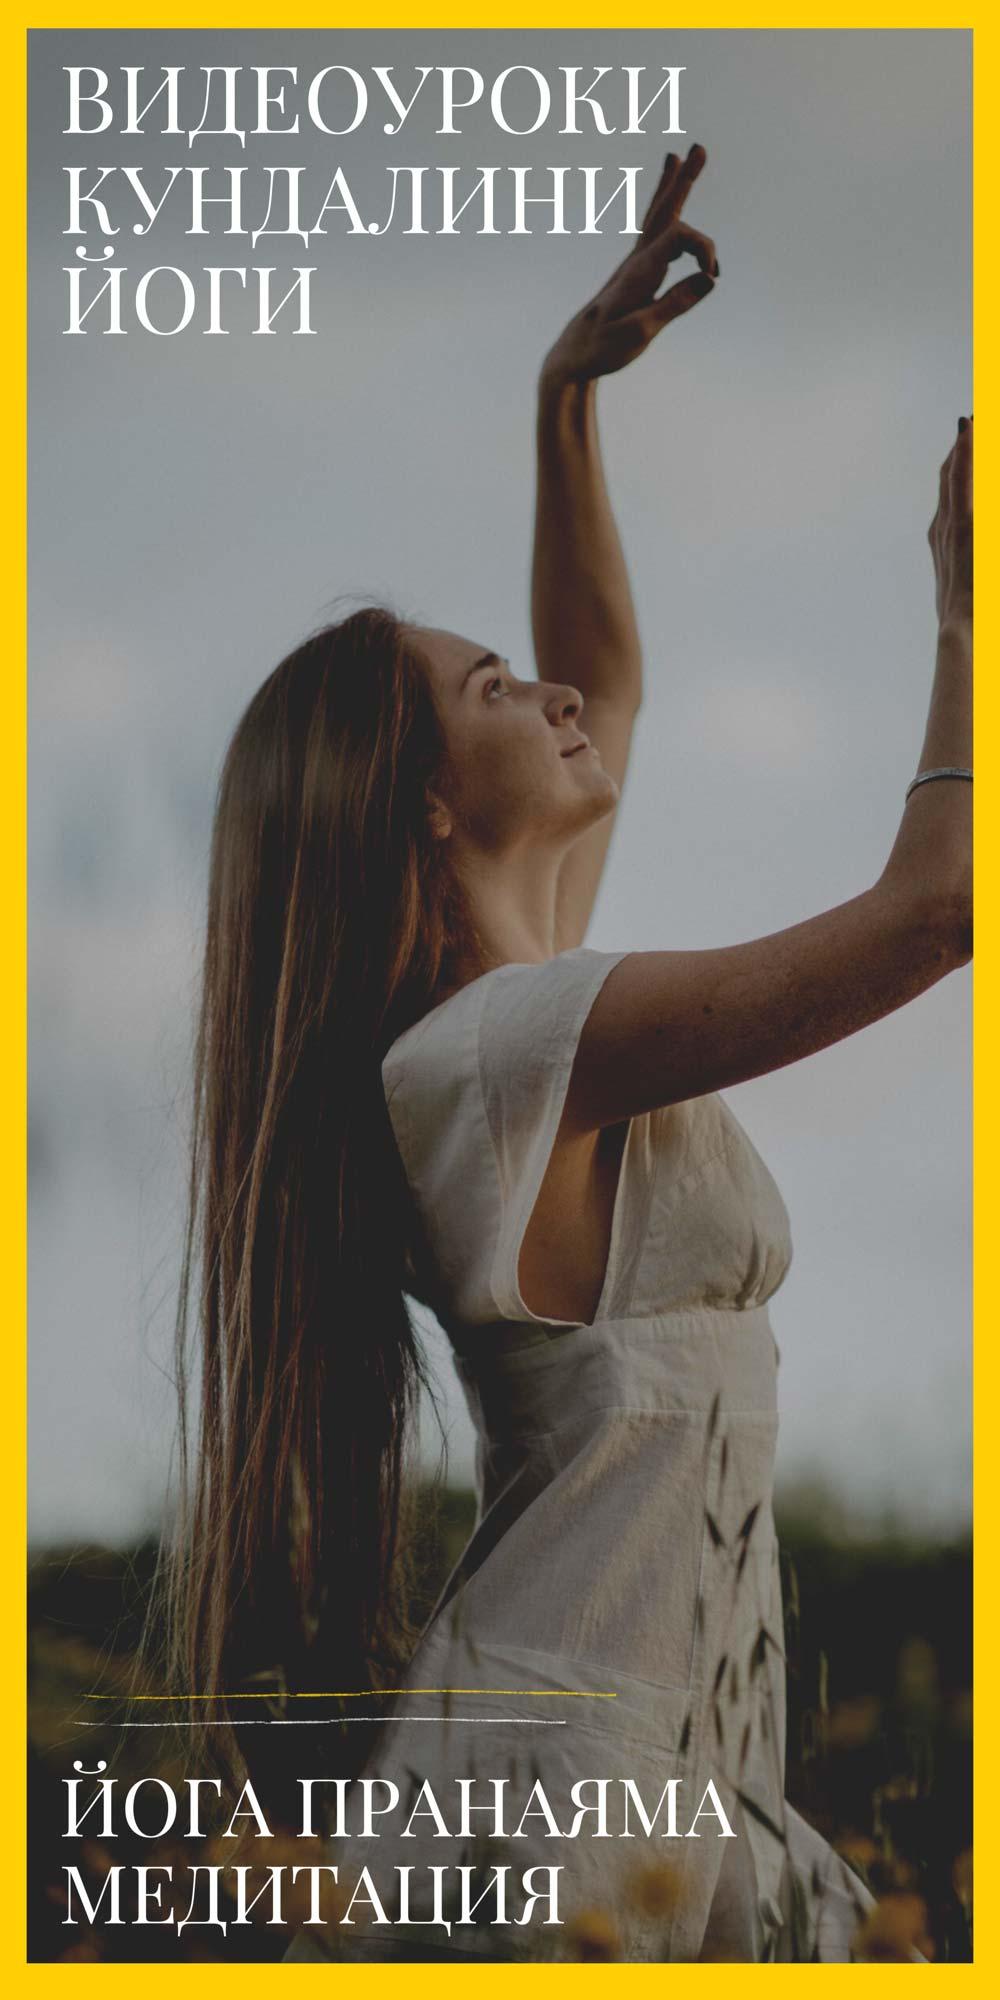 Кундалини йога онлайн